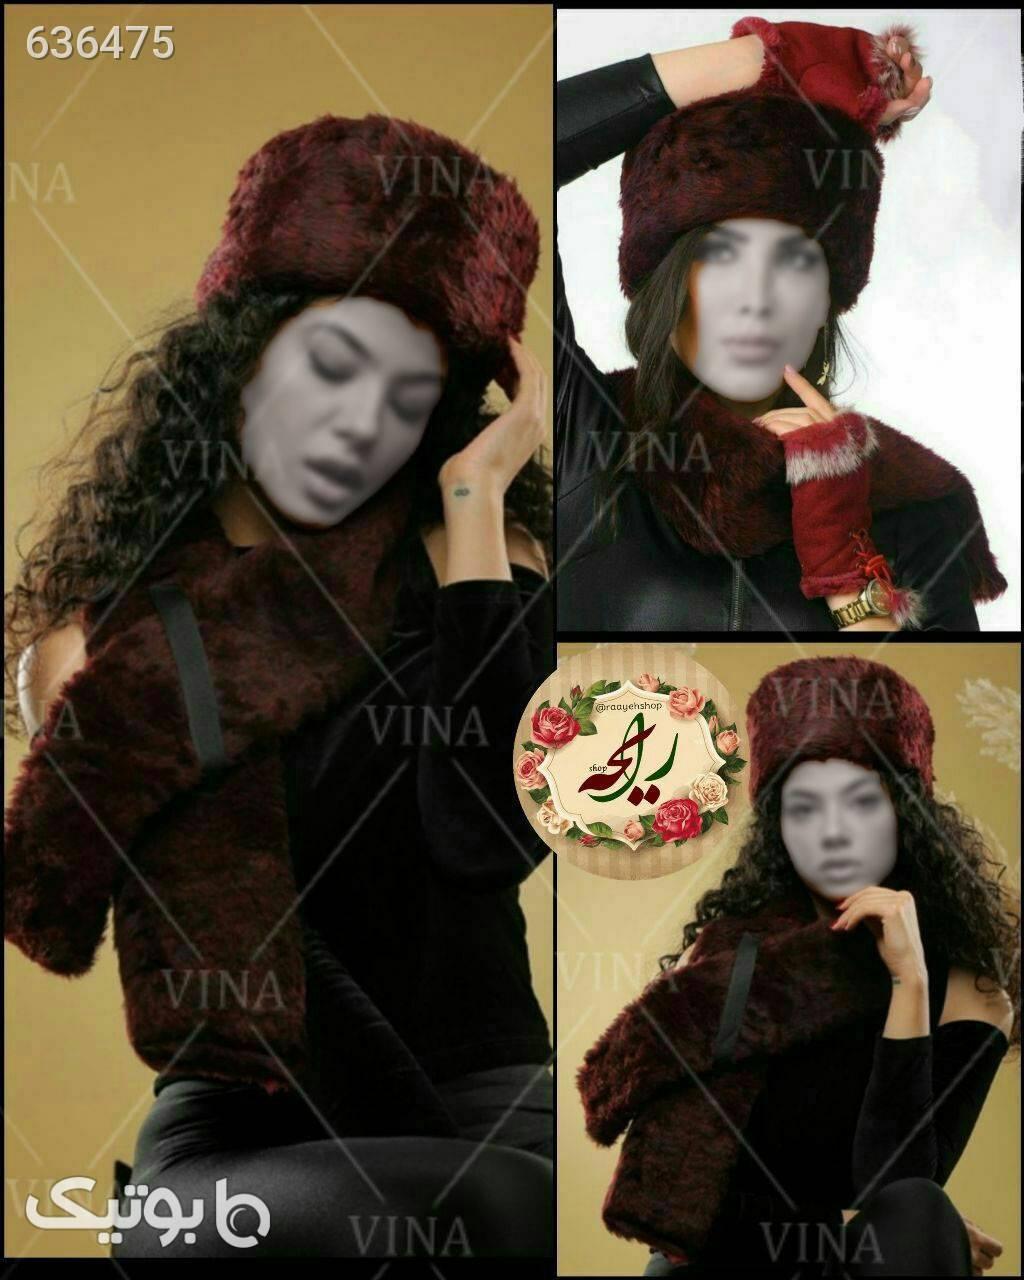 ست شال و کلاه روسی طوسی کلاه بافت و شال گردن و دستکش